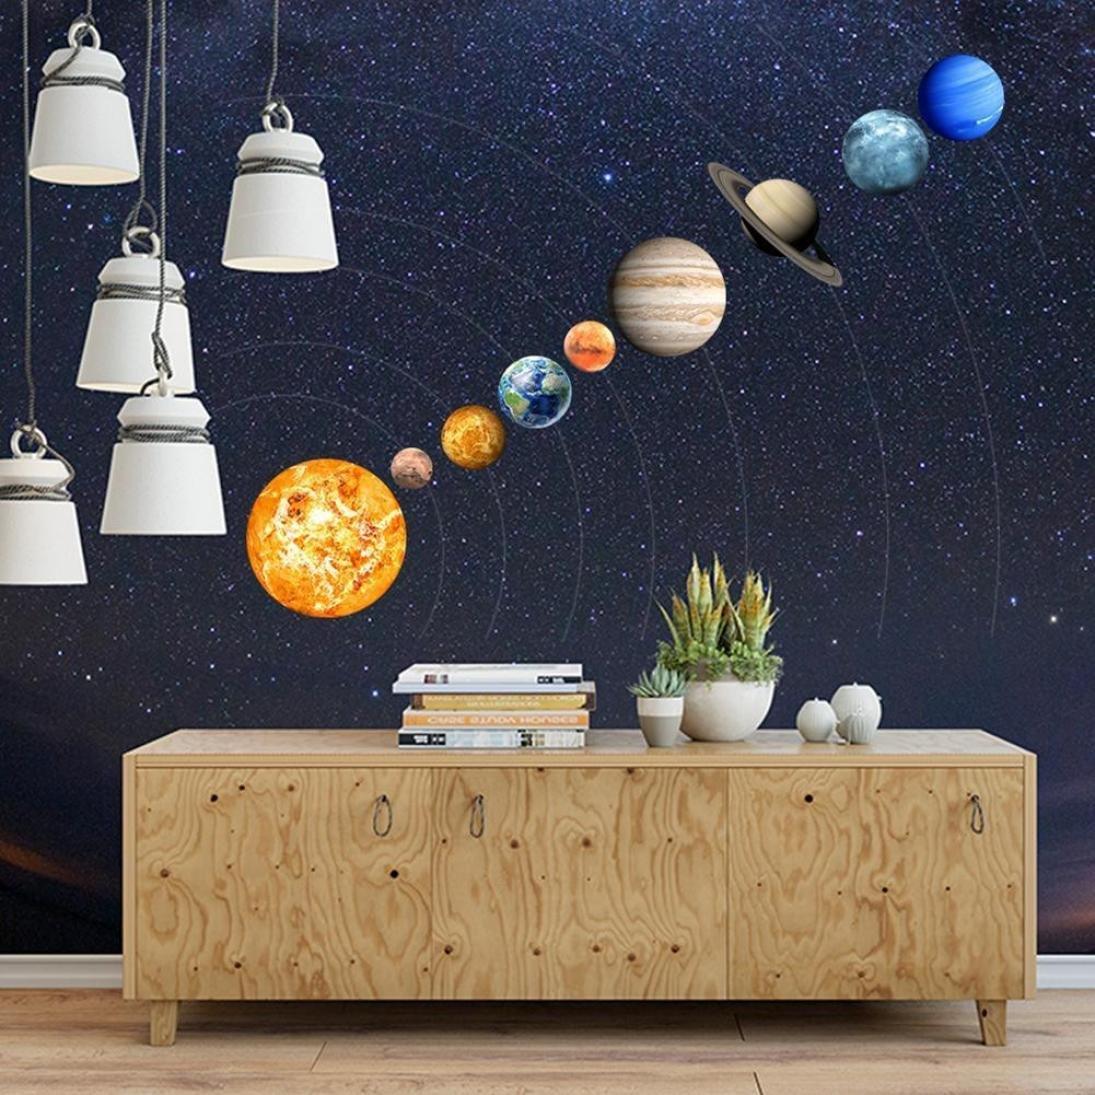 9 Planeten Wandsticker Leuchtaufkleber,Momola Neun Planeten Wandsticker Leuchtaufkleber Leuchtsticker Sonne Erde fluoreszierend Wandaufkleber Hausdekoration f/ür Schlafzimmer Wohnzimmer Kinderzimmer